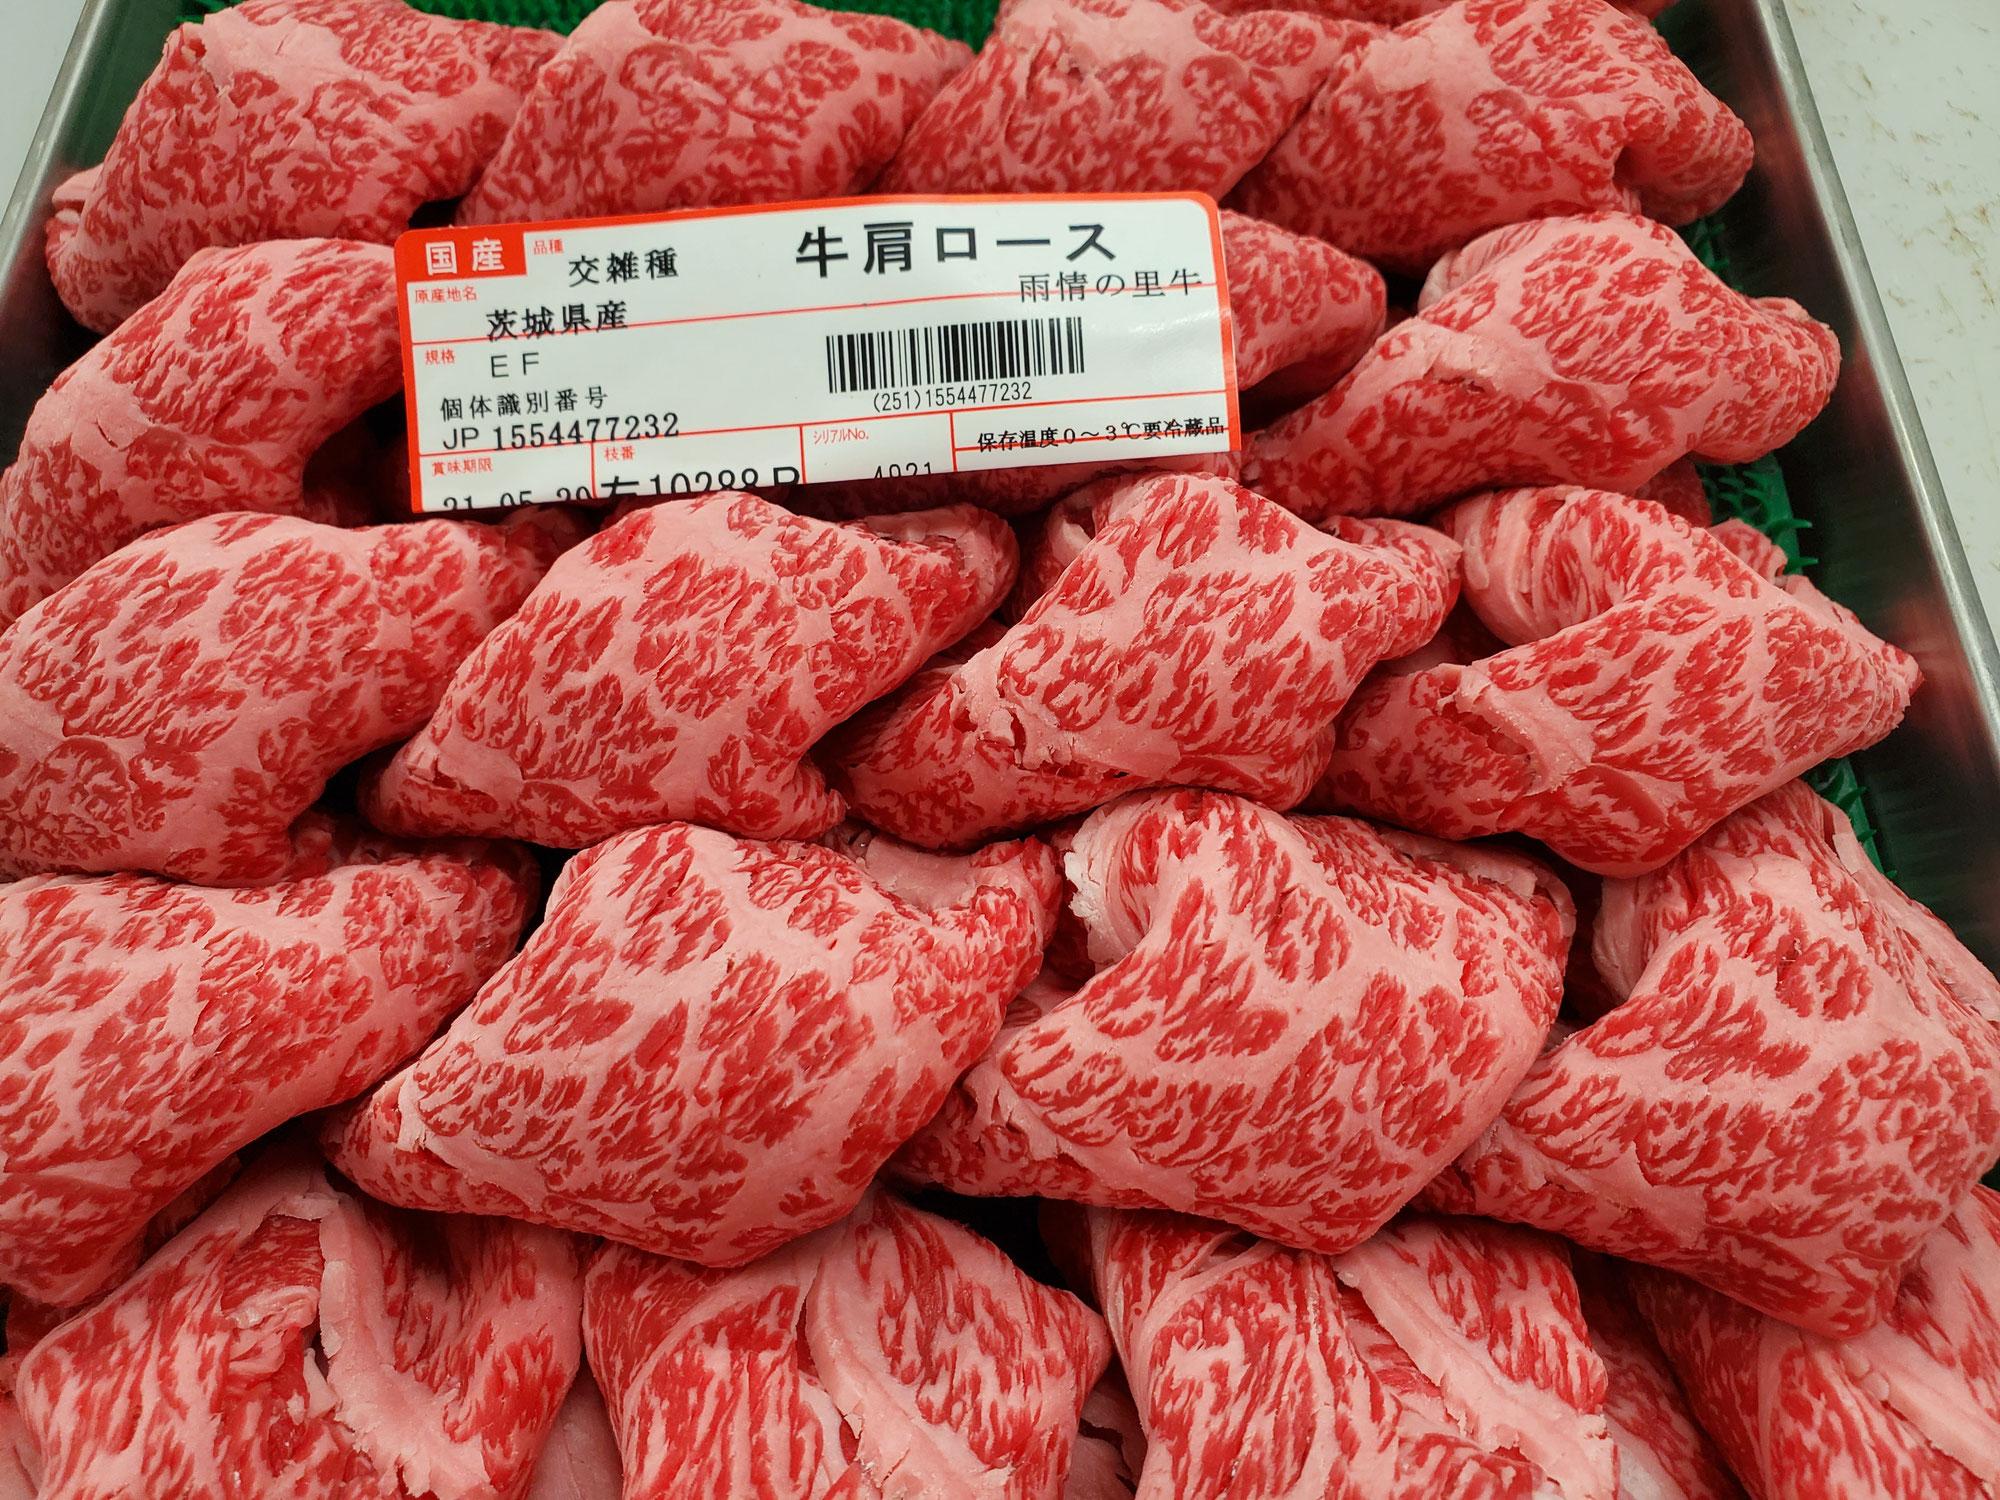 茨木県産交雑牛 雨情の里牛(うじょうのさとぎゅう)肩ロース肉